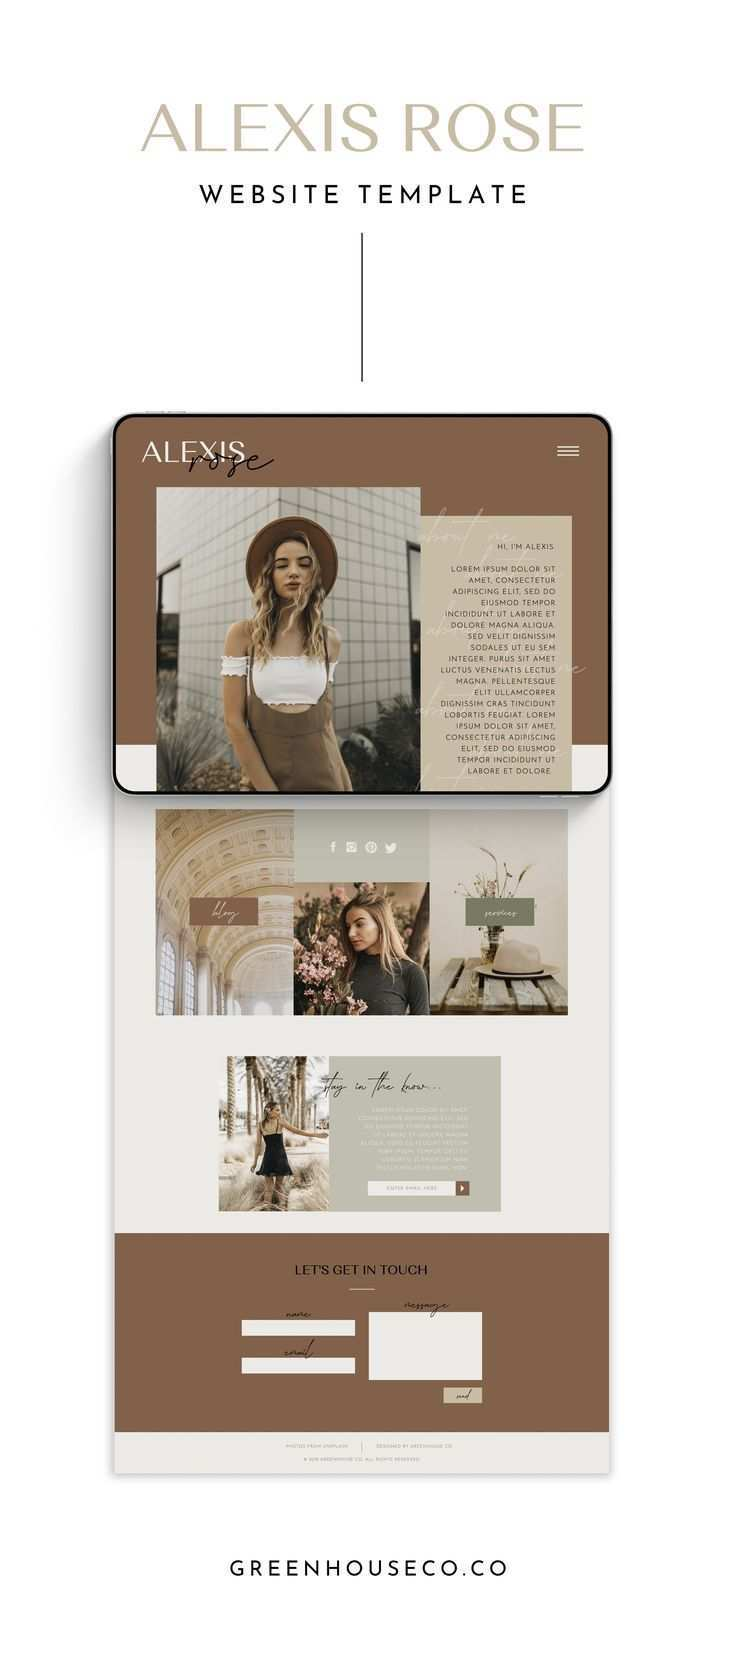 Web Design Website Design Inspiration Web Design Layout Squarespace Website Squ Blog Layout Design Website Design Inspiration Small Business Website Design